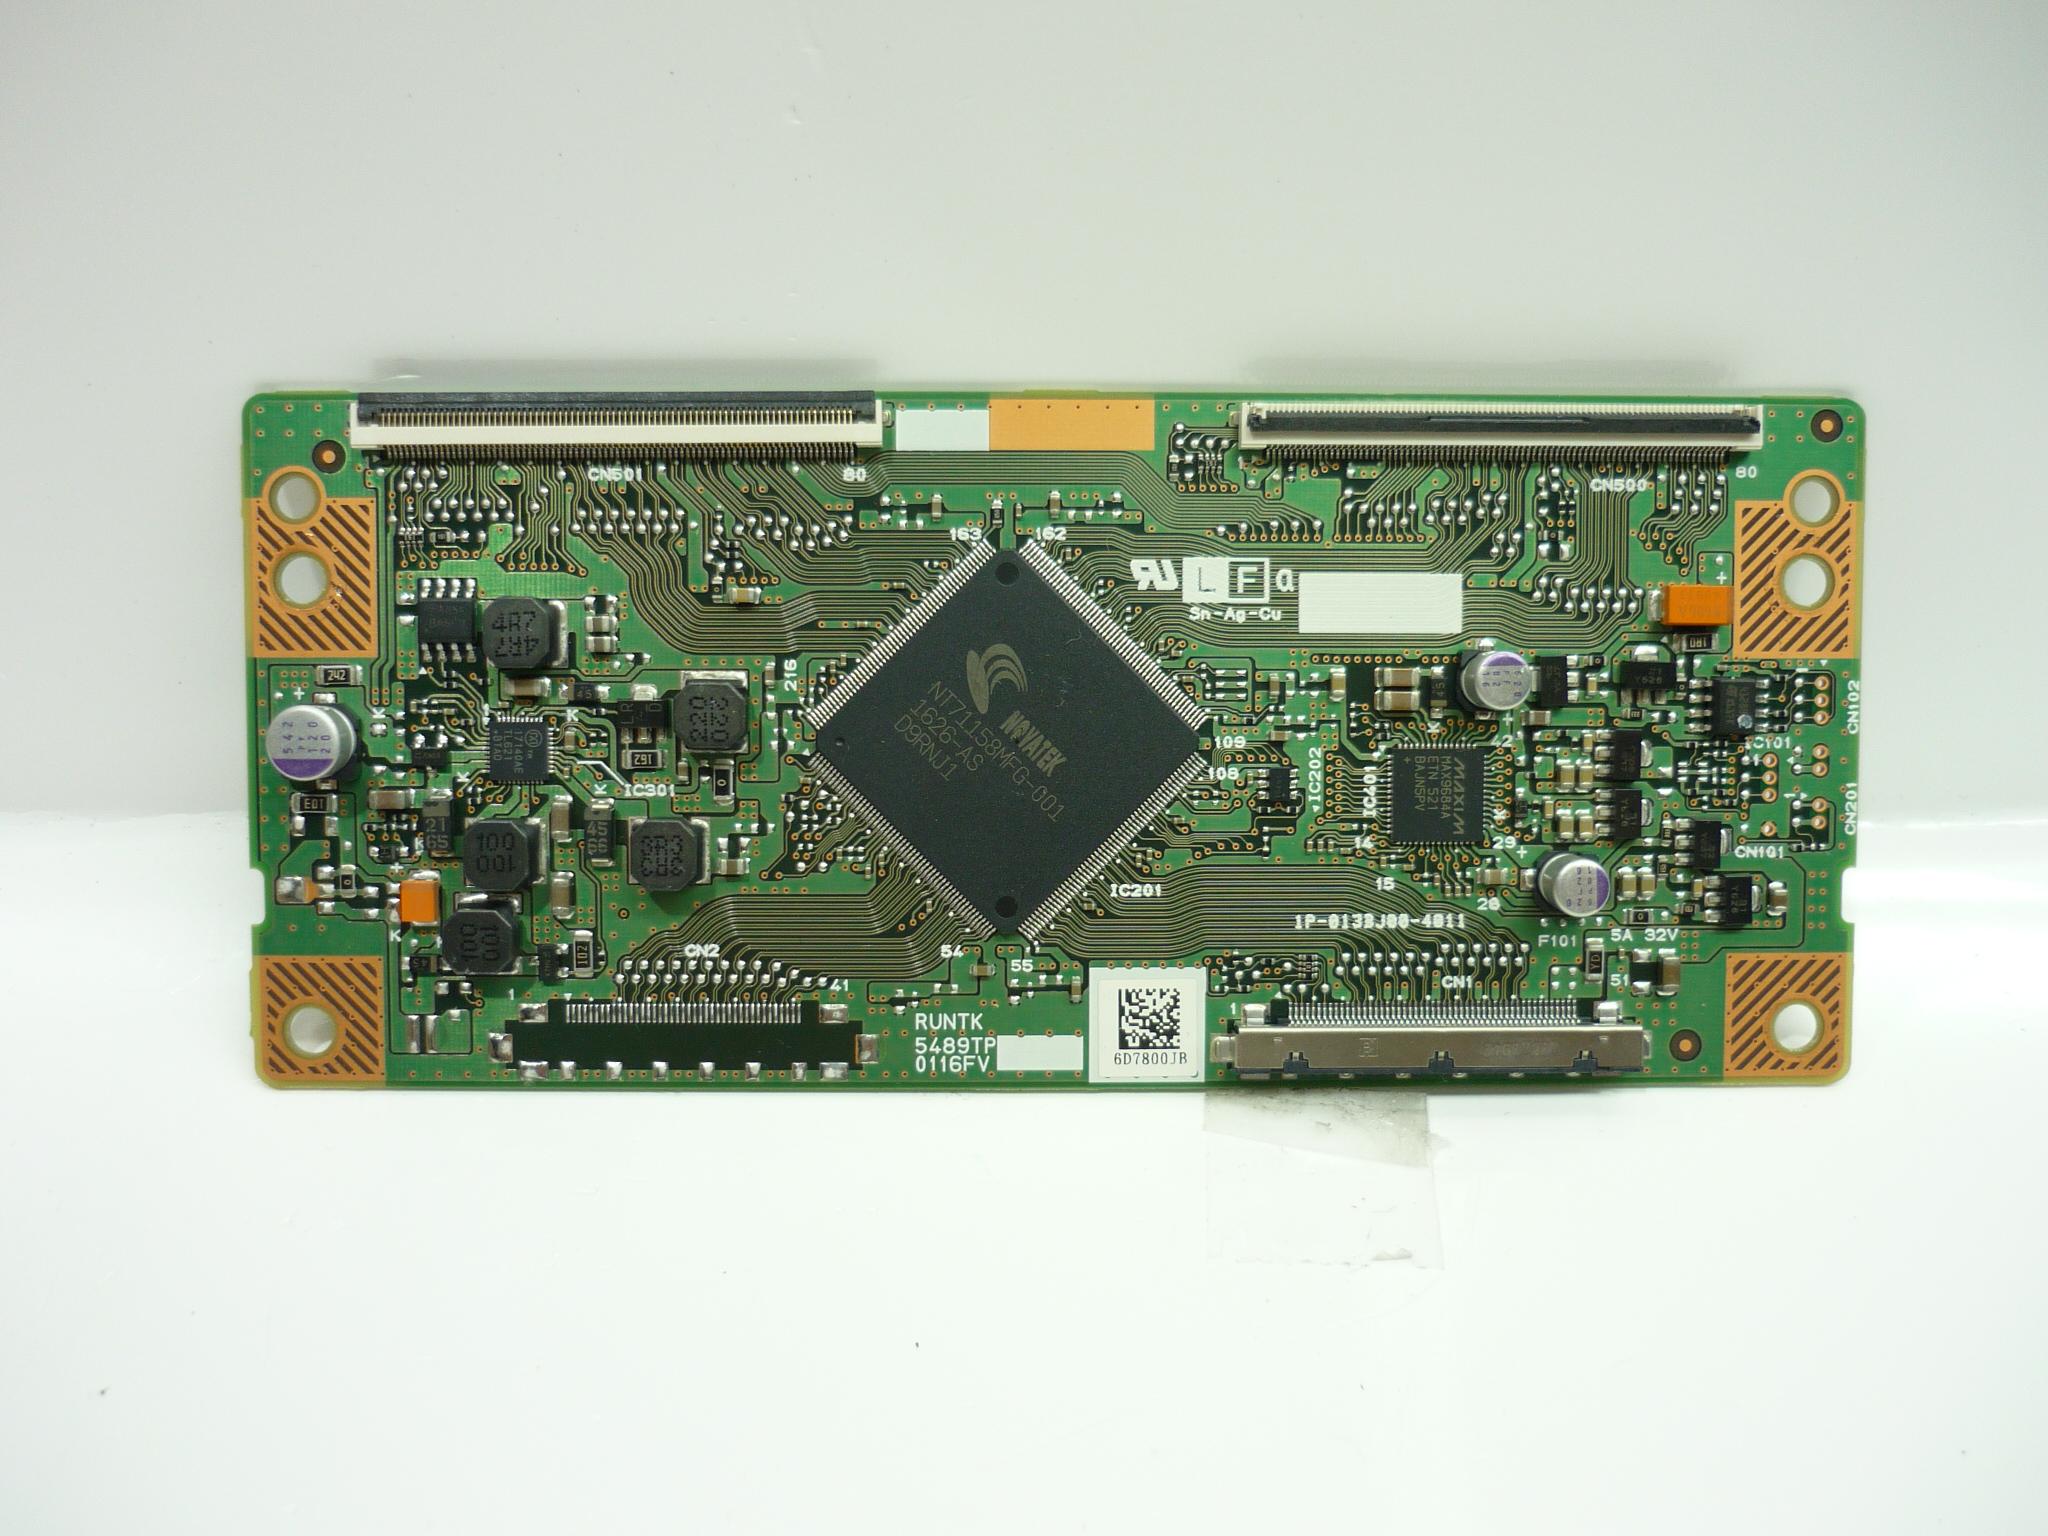 Vizio 072-0001-4809 / 072-0001-5909 (RUNTK5489TP) T-Con Board